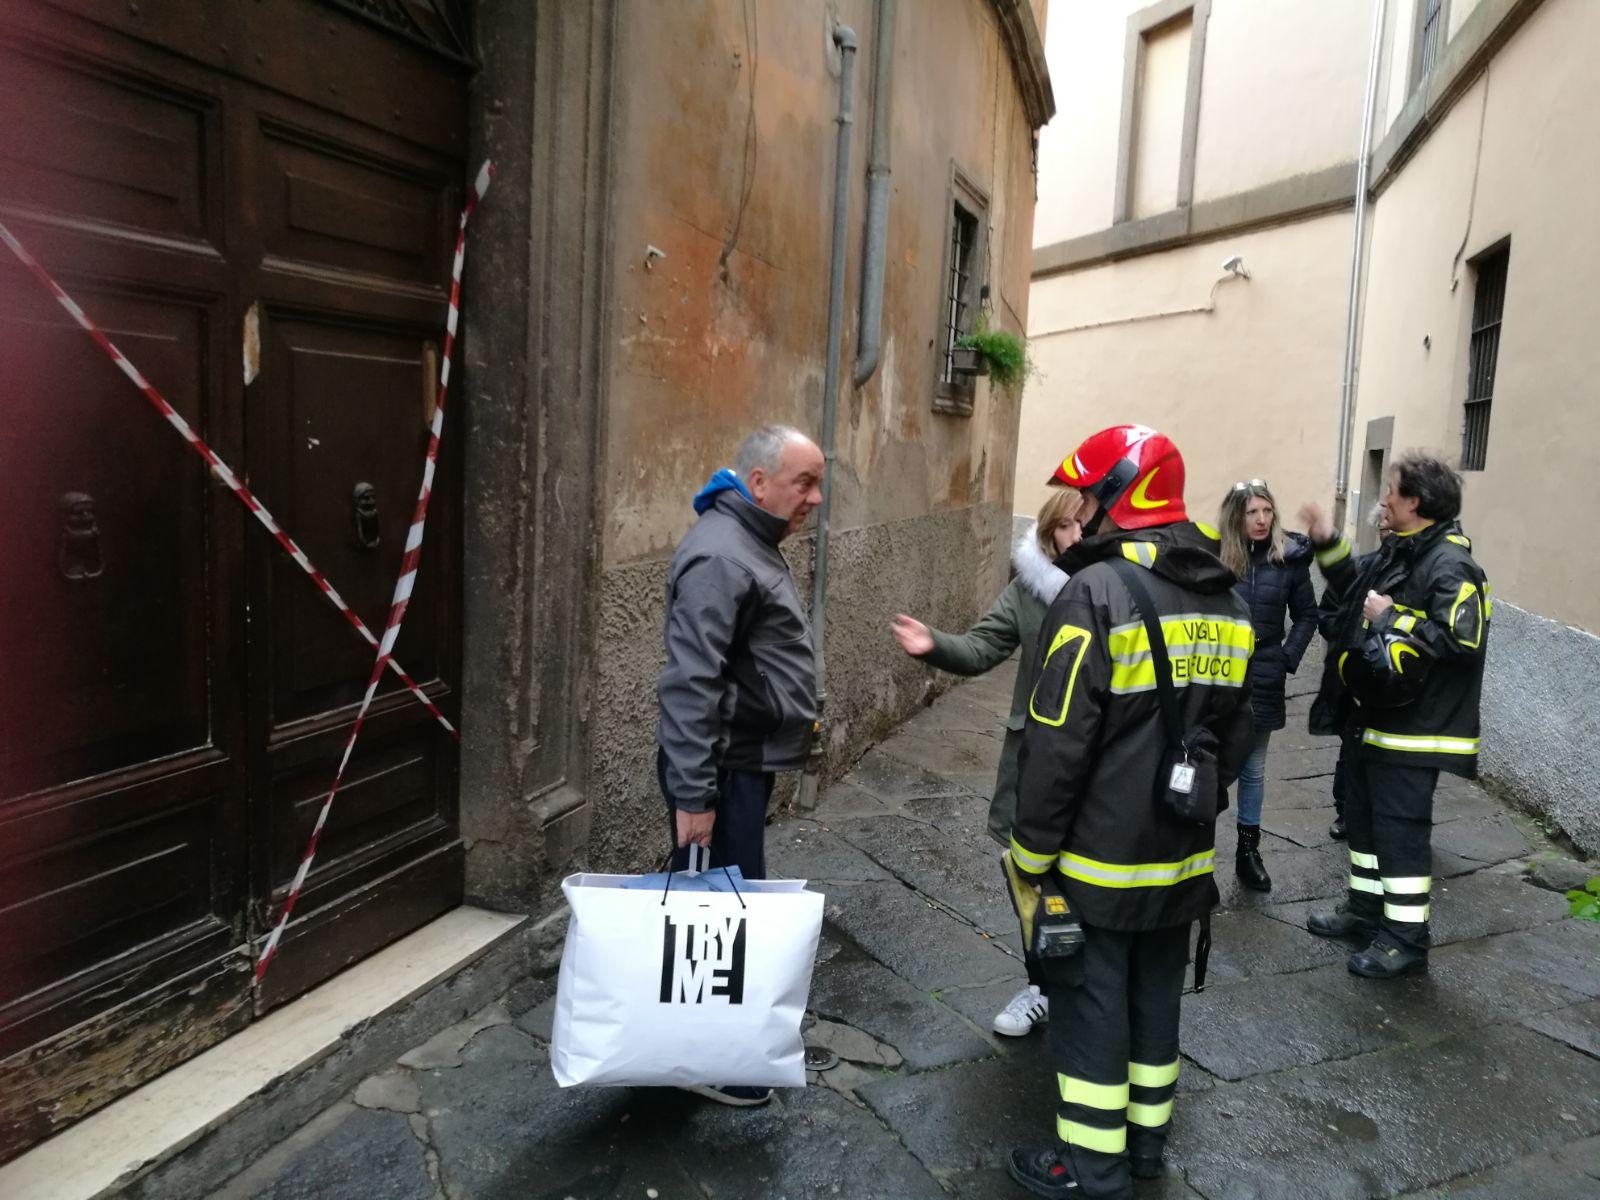 Palazzo inagibile a Via San Simeone, 5: se il Comune si è attivato, gli inquilini non lo sanno e fanno da sè